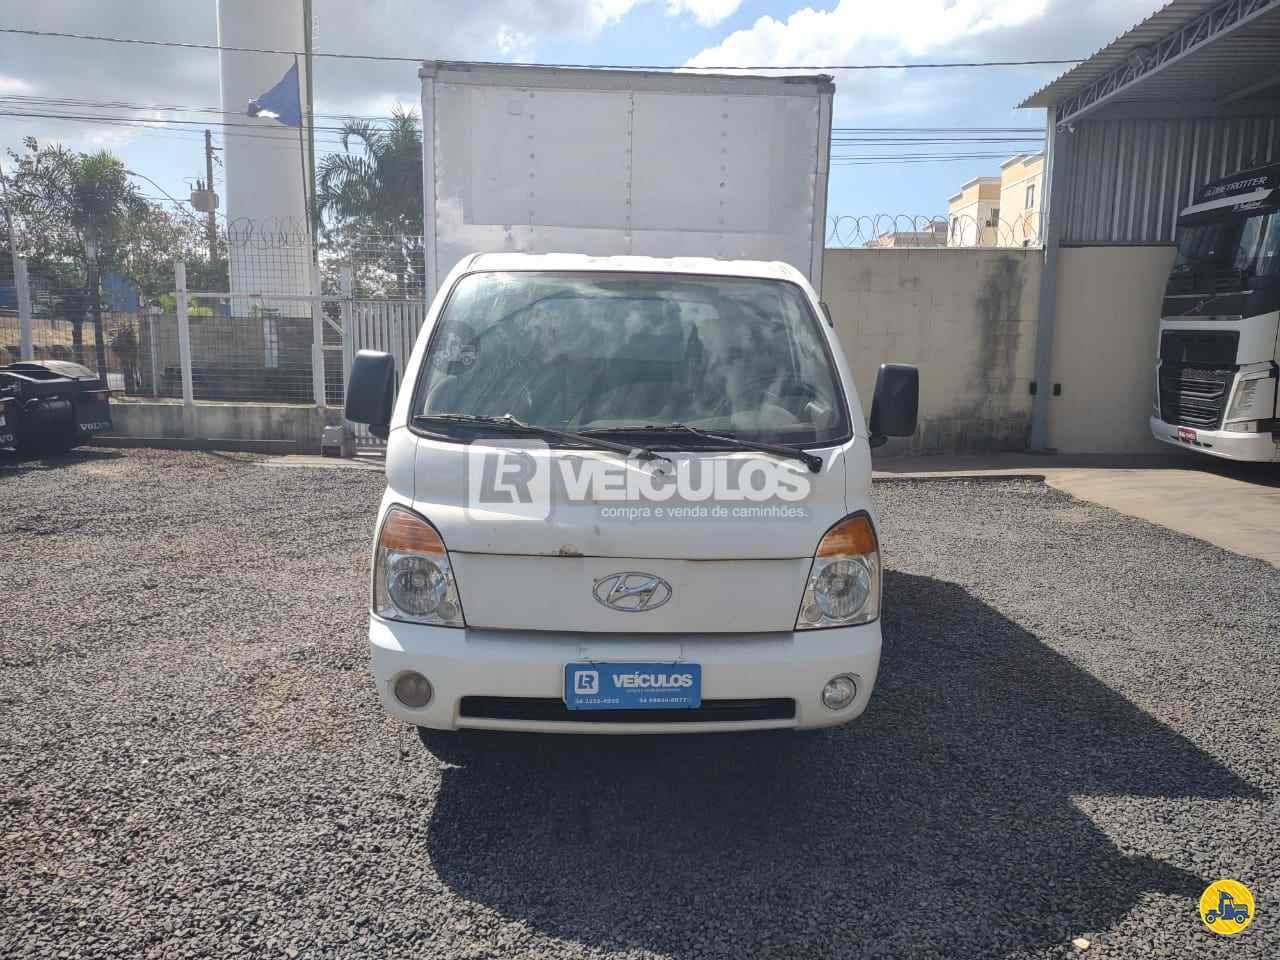 CAMINHAO HYUNDAI HR Baú Furgão 3/4 4x2 LR Caminhões UBERLANDIA MINAS GERAIS MG